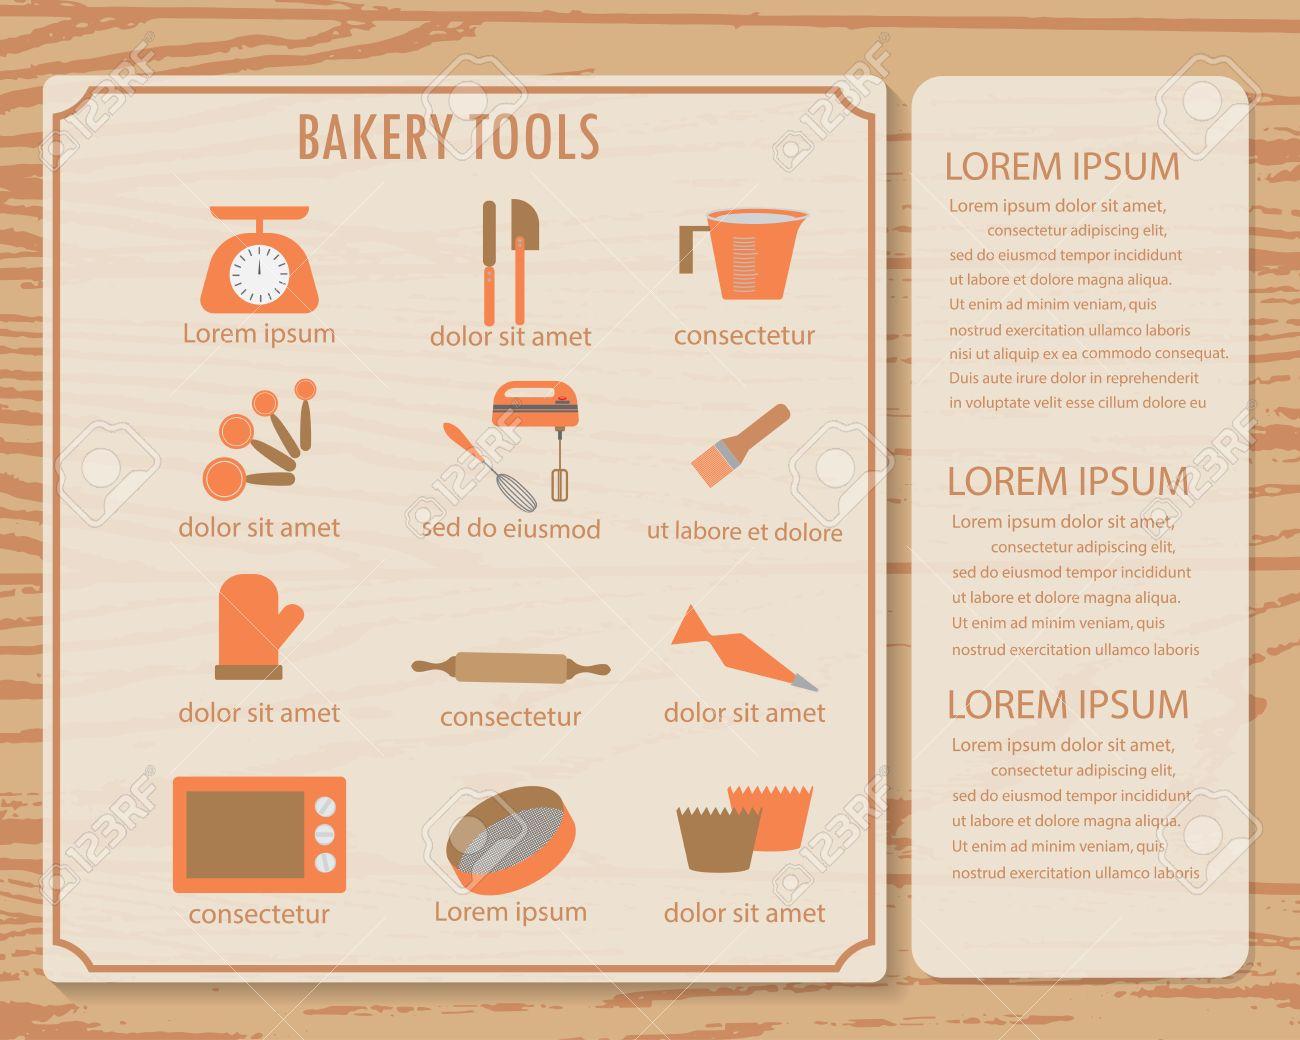 Infografía De Libros De Cocina De Fondo Y Elementos. Hay ...